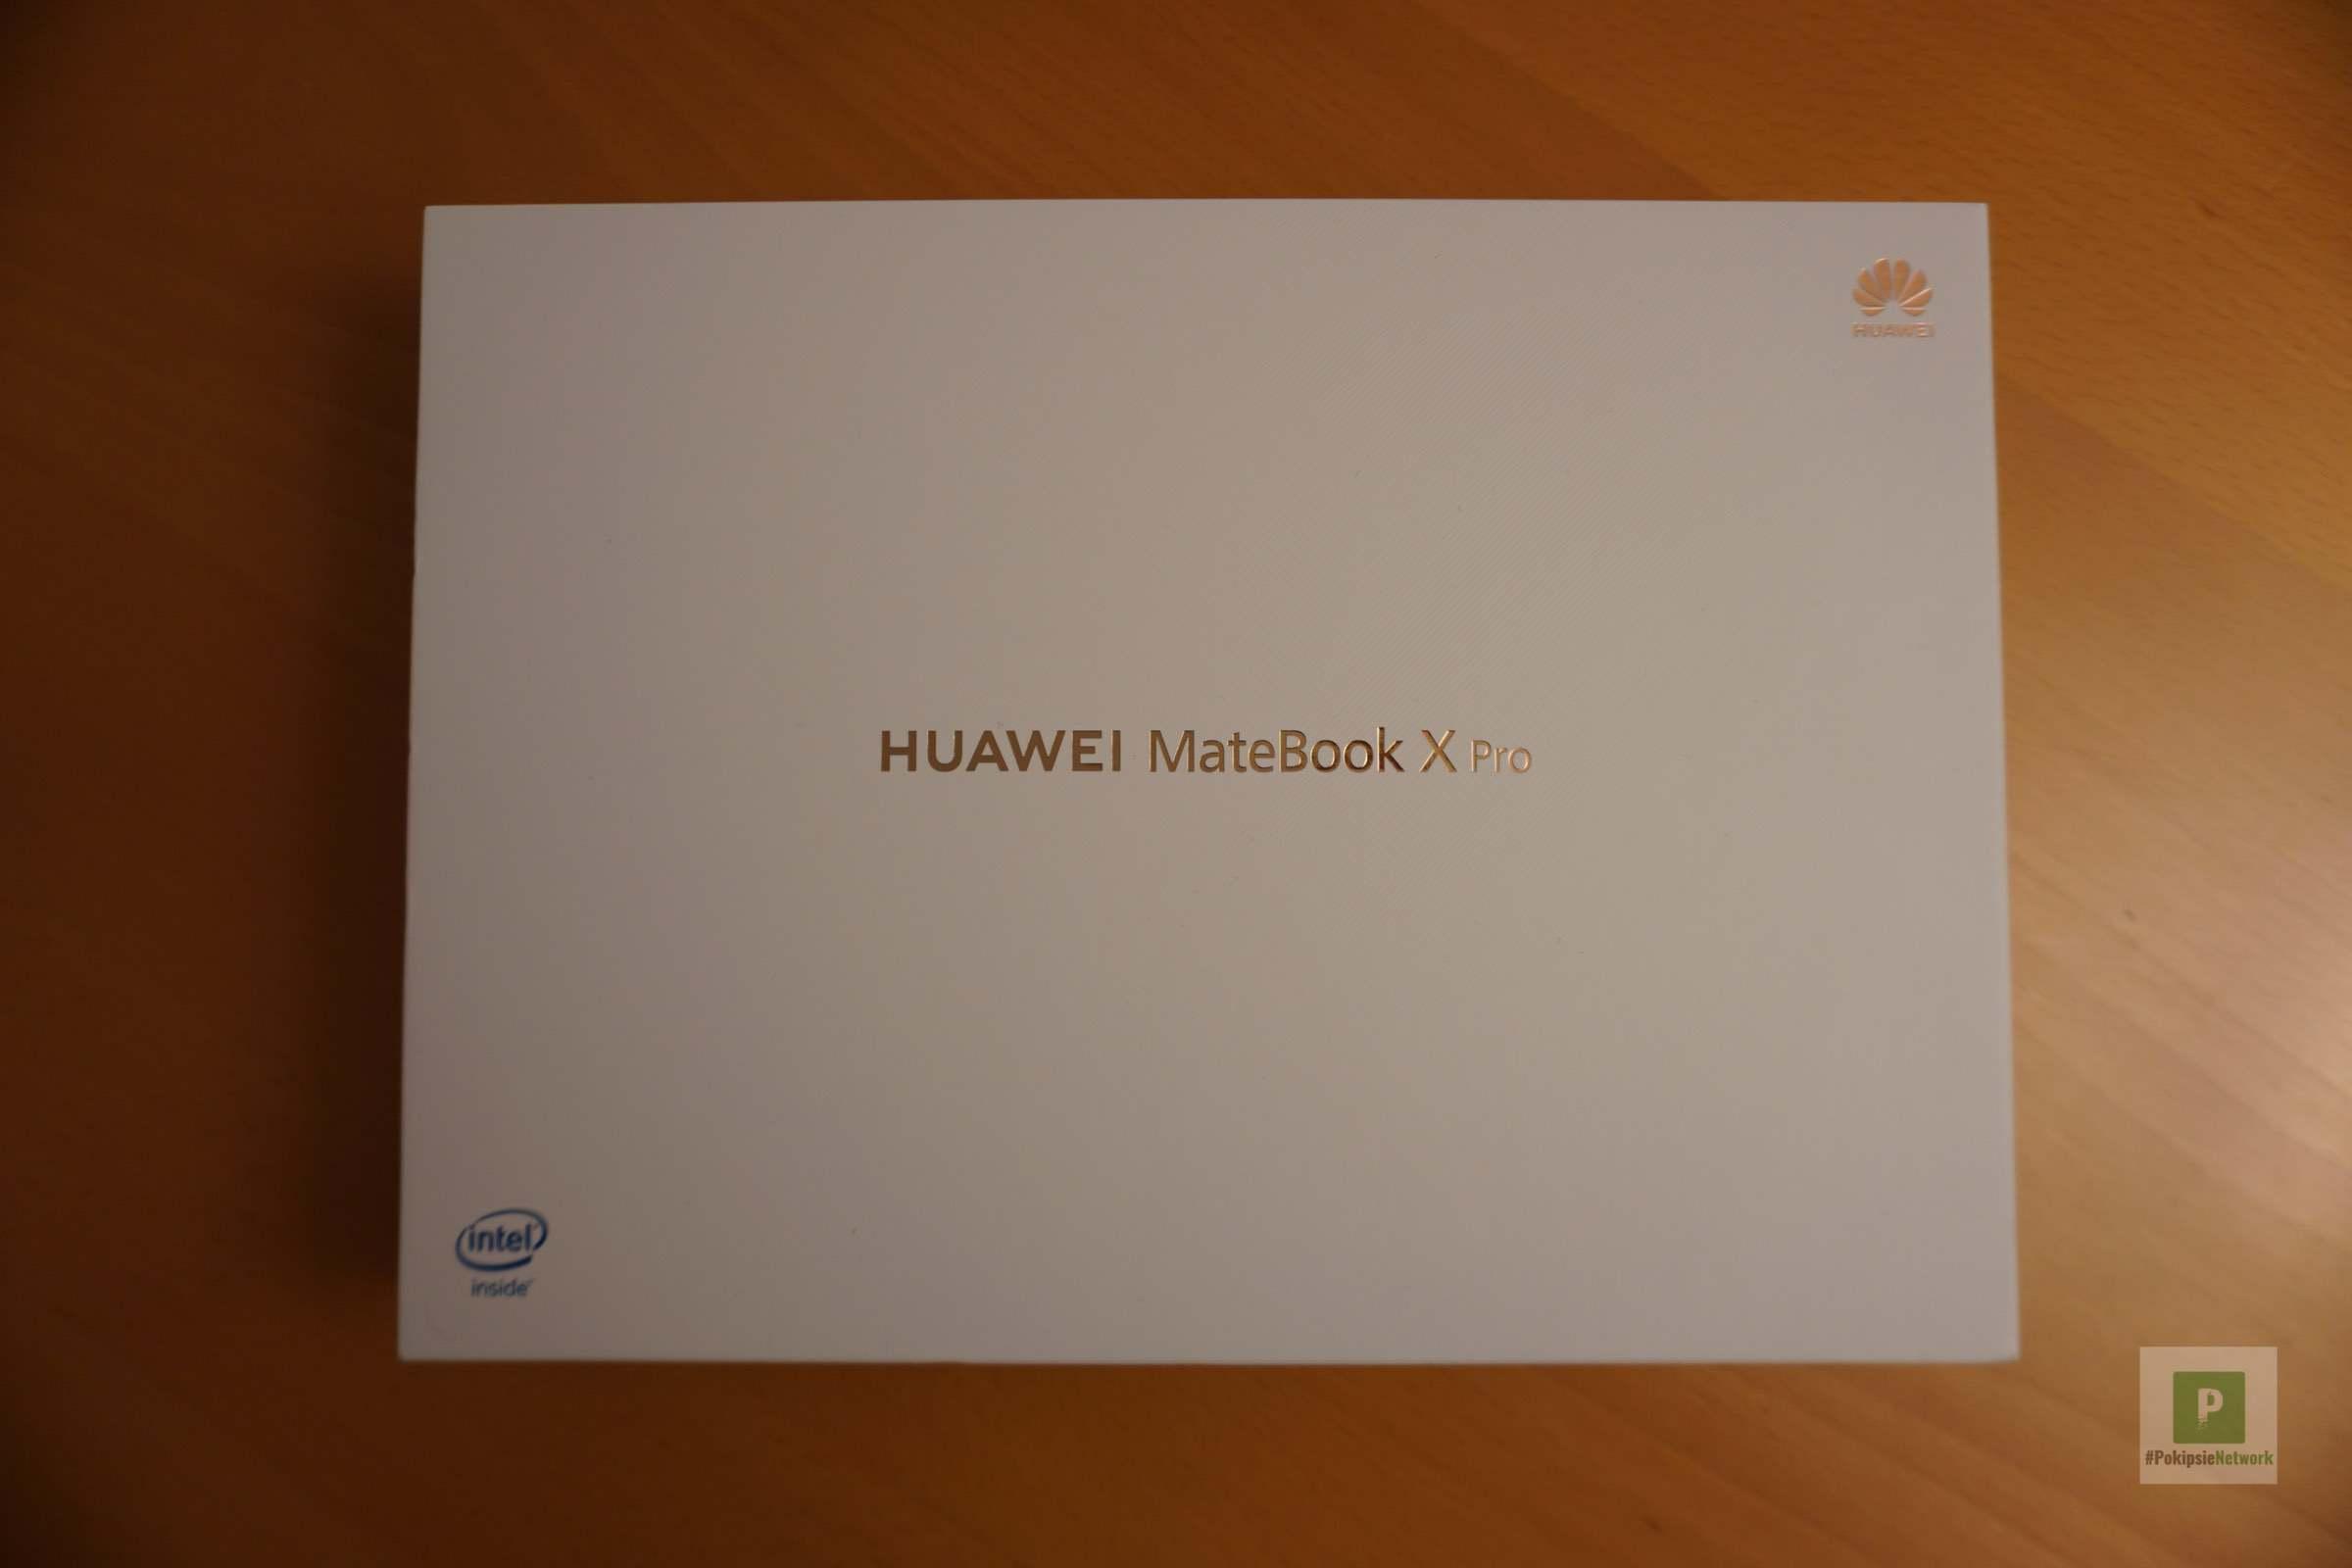 Die Verpackung vom MateBook